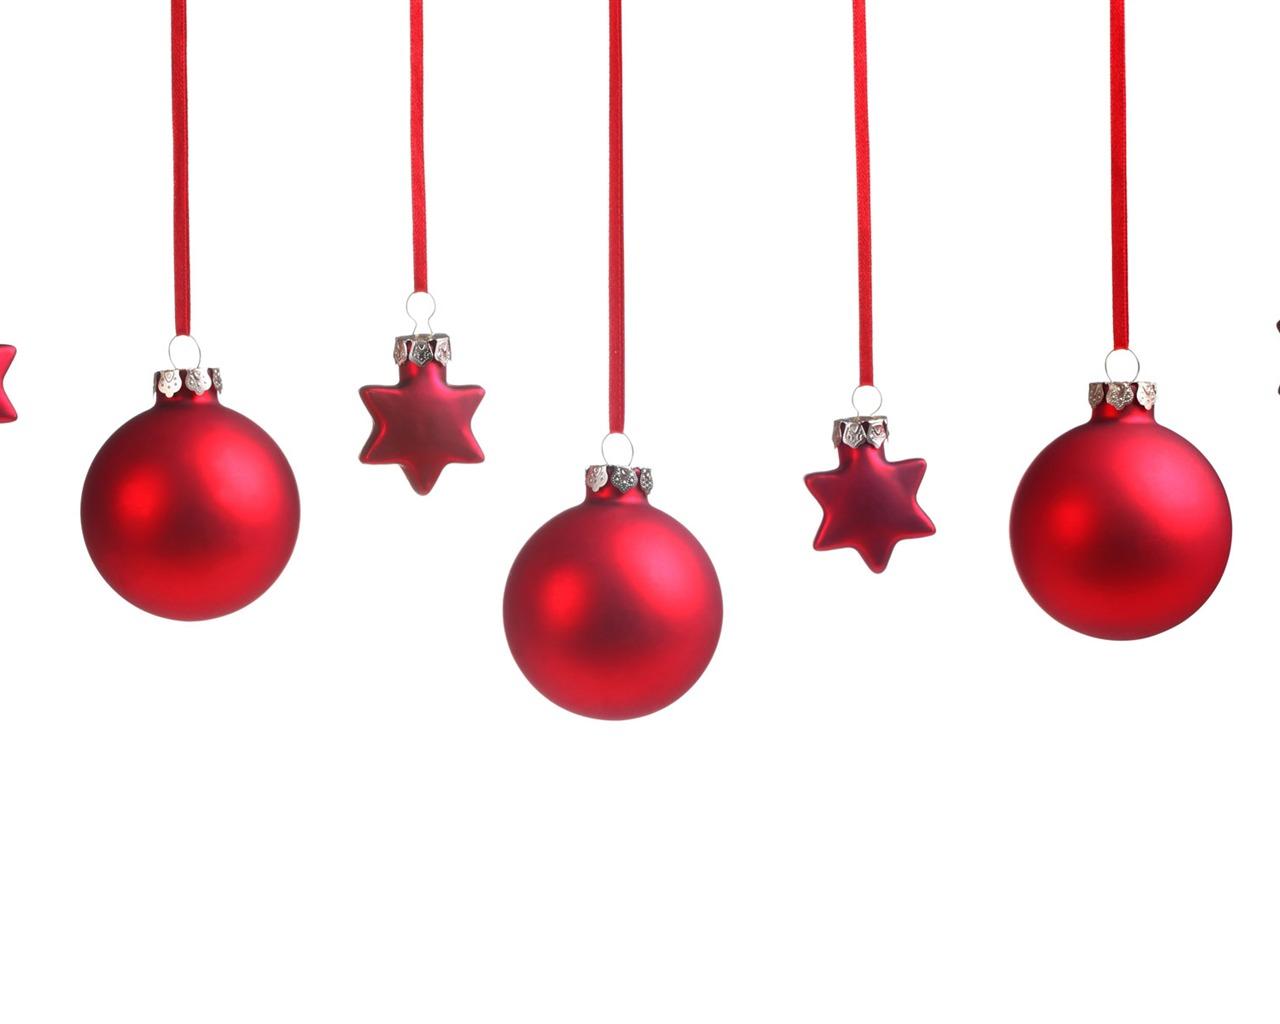 Weihnachtskugeln tapete 2 16 1280x1024 wallpaper for Weihnachtskugeln bilder